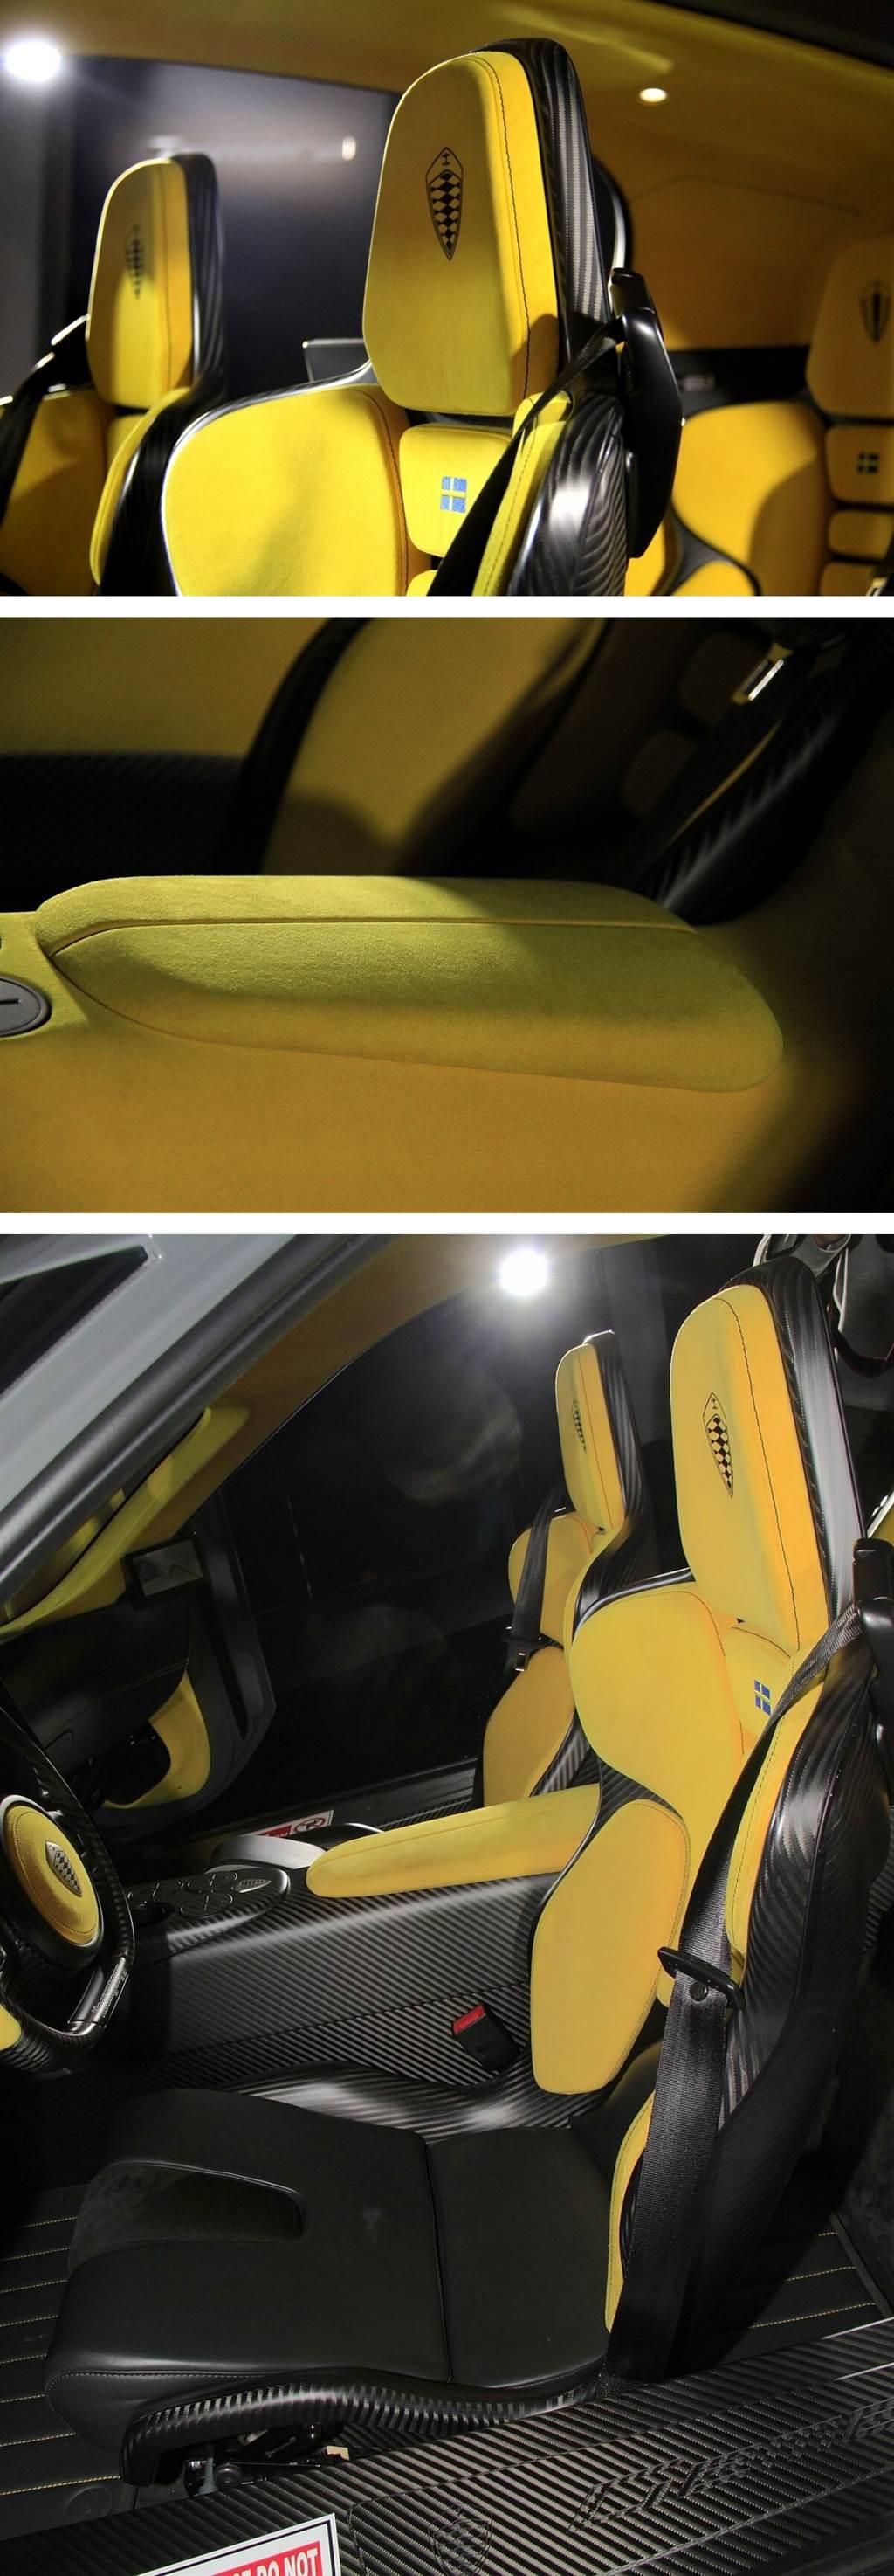 Gemera的座椅採用一體成形碳纖維製作,並且為中空結構,因此重量非常輕,每張僅重17公斤,並且配有電動前後調整功能。再加上所具備3,000 mm長軸距配上蛋型環艙設計,以及全尺寸四人座,而非一般GT超跑常見的2+2配座位配置,能讓四位成人有非常舒適的乘坐姿勢以及無拘束的視野,而每張座椅都採用桶型設計,並配有記憶泡棉及觸感極佳的真皮與麂皮表面,能夠有非常服貼的包覆感,以及非常貼近地面的坐姿,使其始終能保持低重心地行駛。